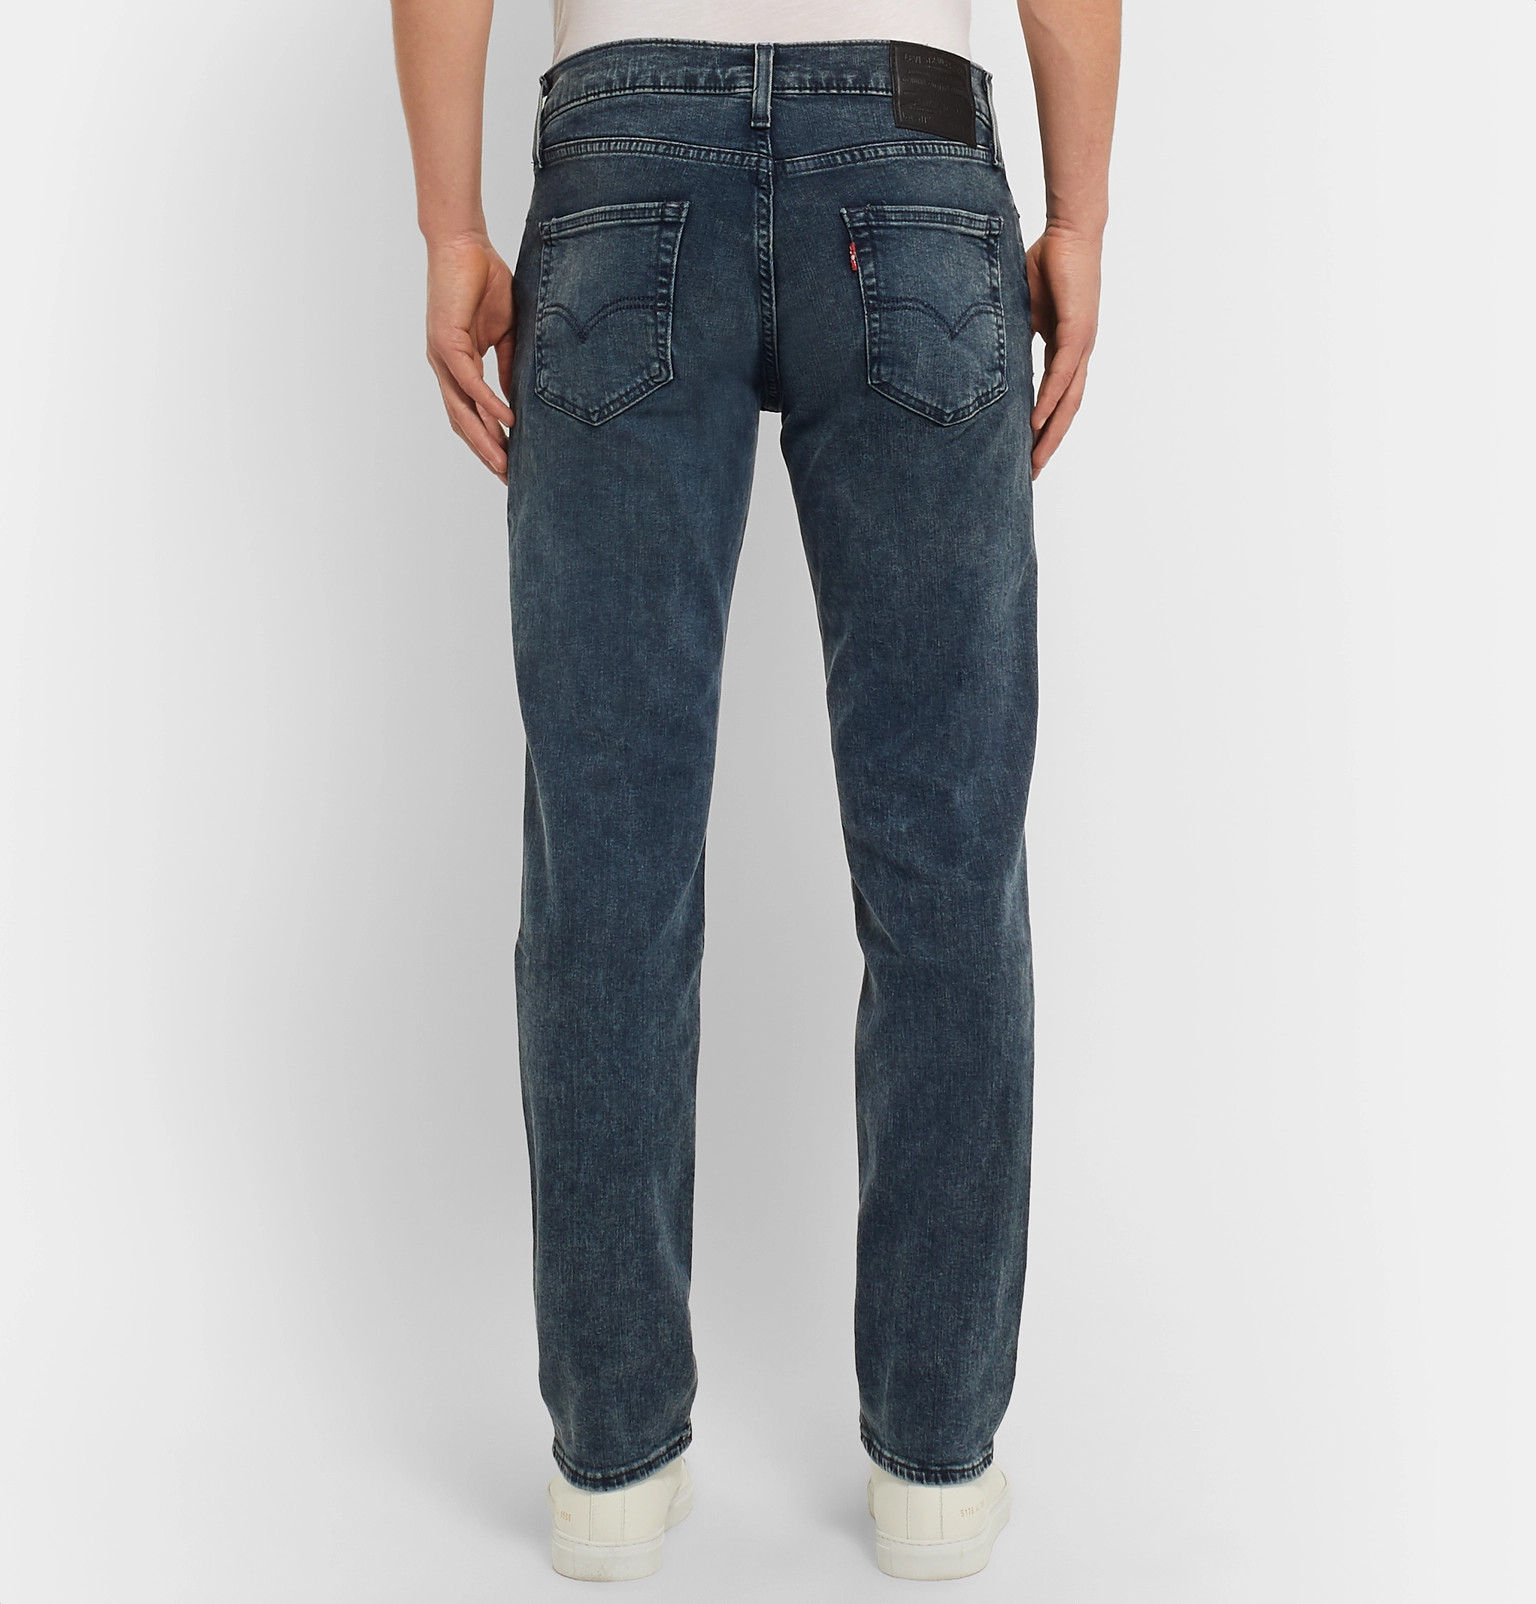 b6b7b6c6168 Levi's - 511 Slim-Fit Stretch-Denim Jeans